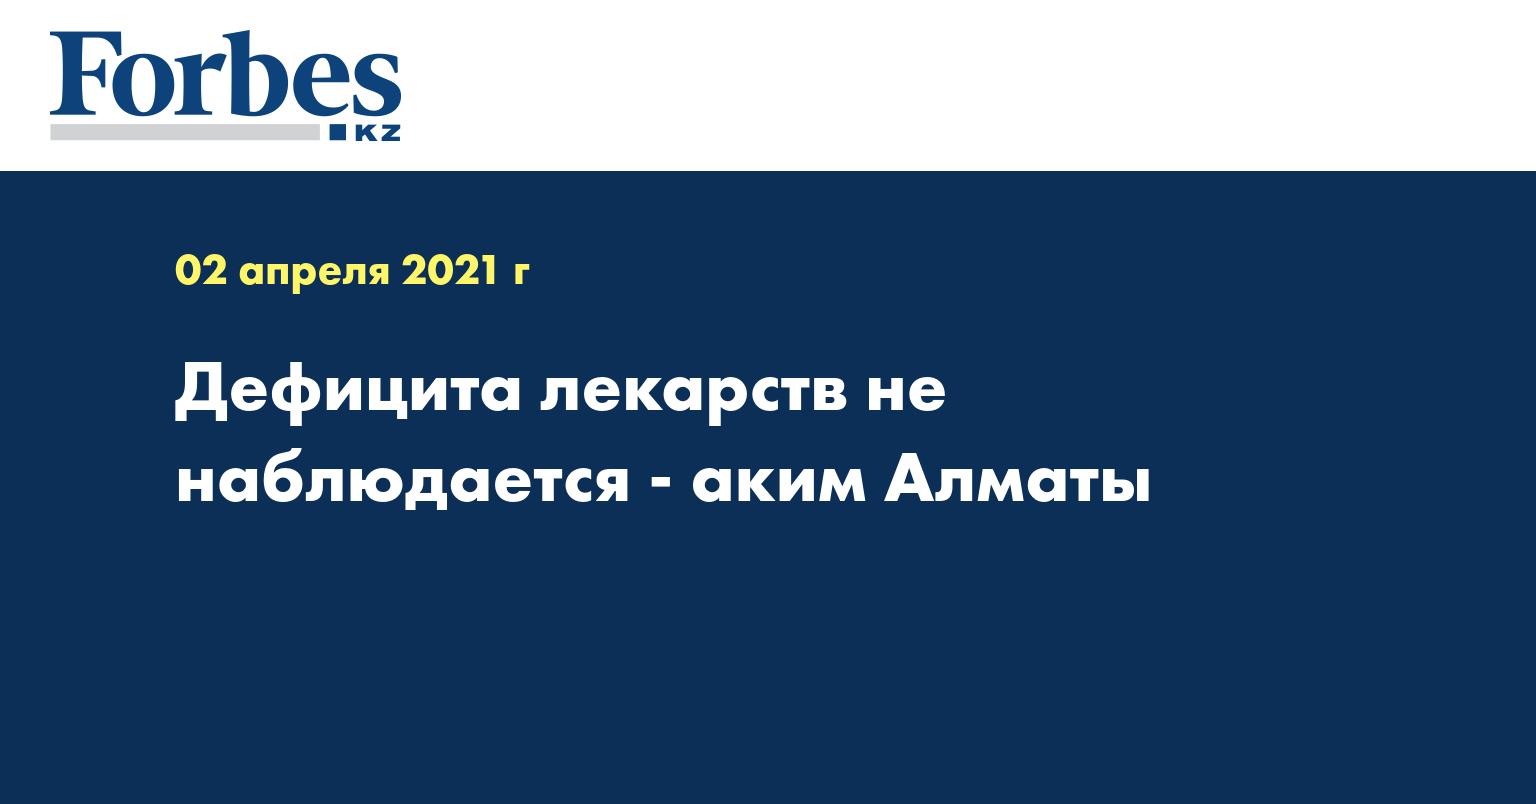 Дефицита лекарств не наблюдается - аким Алматы